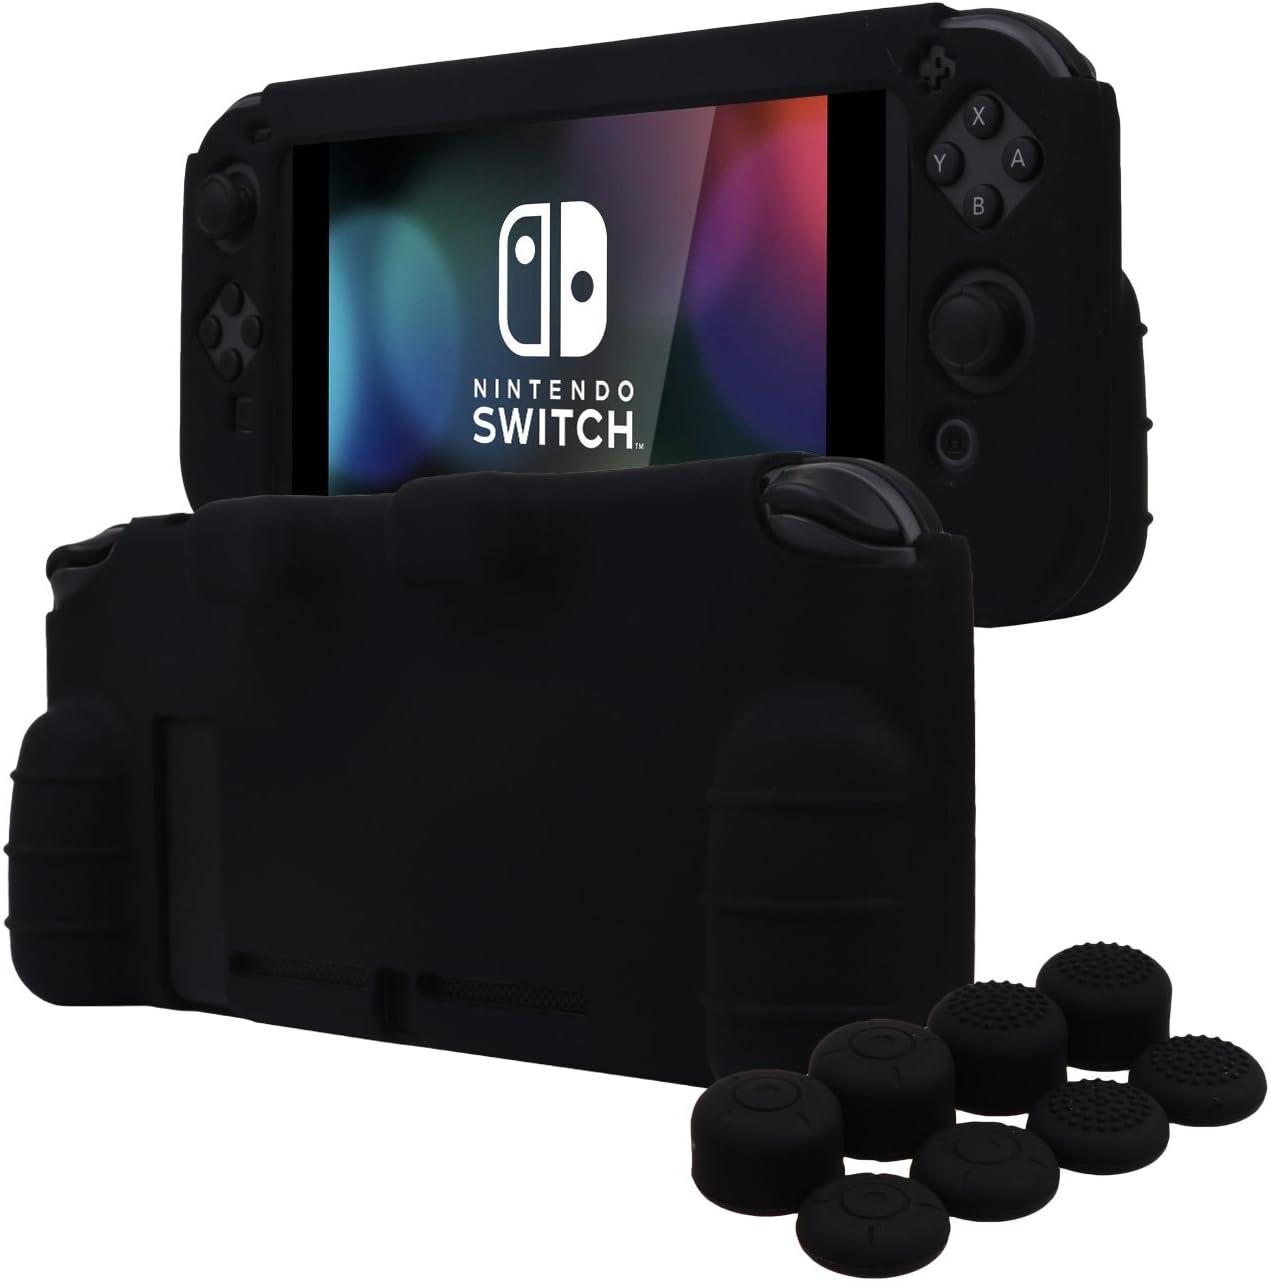 YoRHa EMPUÑADURA silicona caso piel Fundas protectores cubierta para Nintendo Switch x 1 (negro) Con Joy-Con los puños pulgar thumb gripsx 8: Amazon.es: Videojuegos